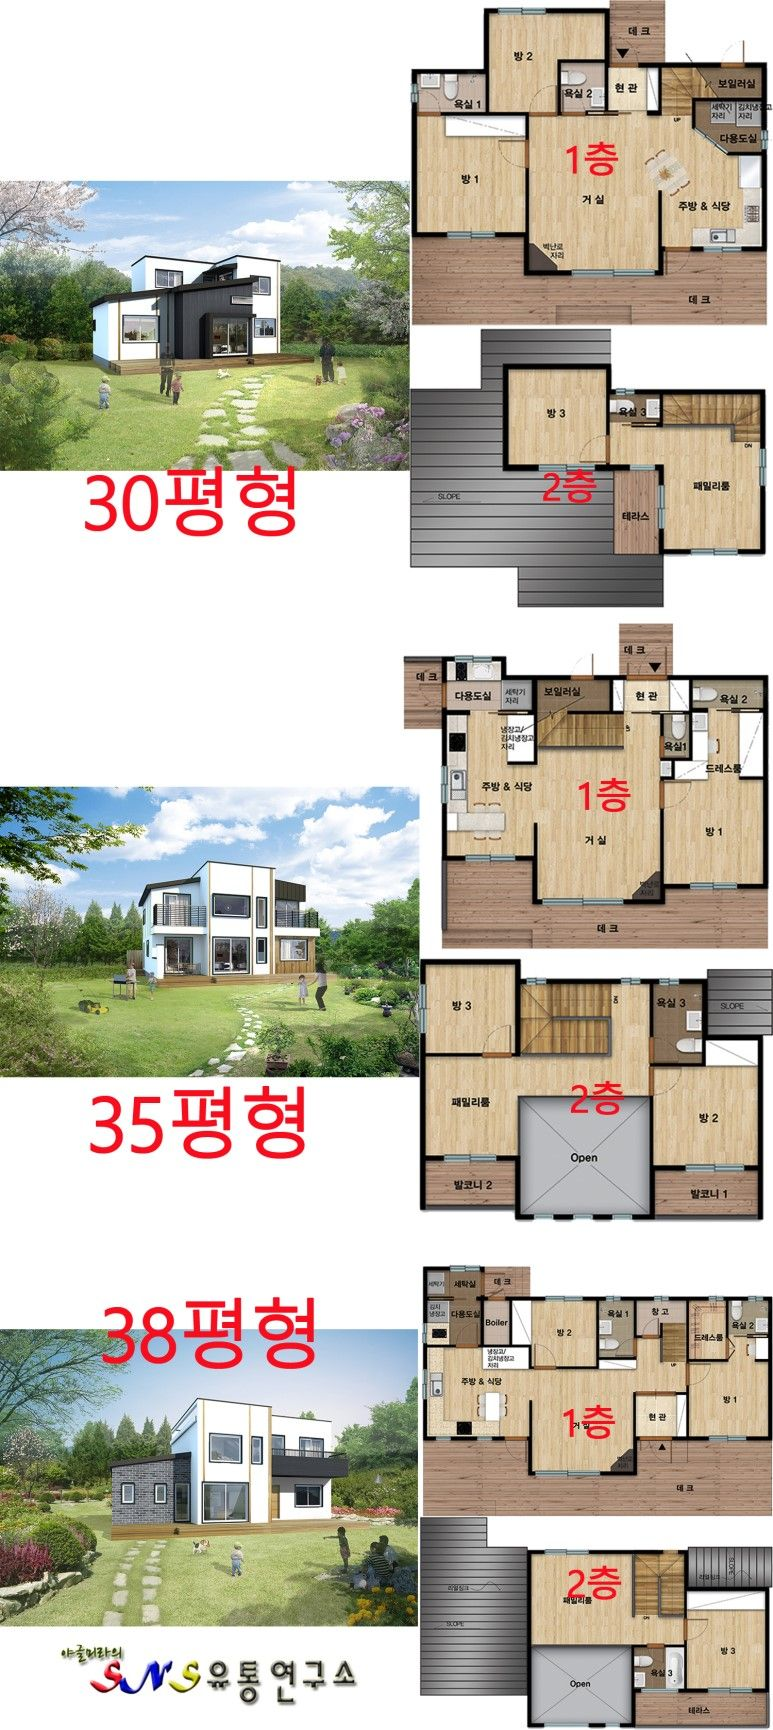 천안 타운하우스 전원주택도 안부럽다. : 네이버 블로그